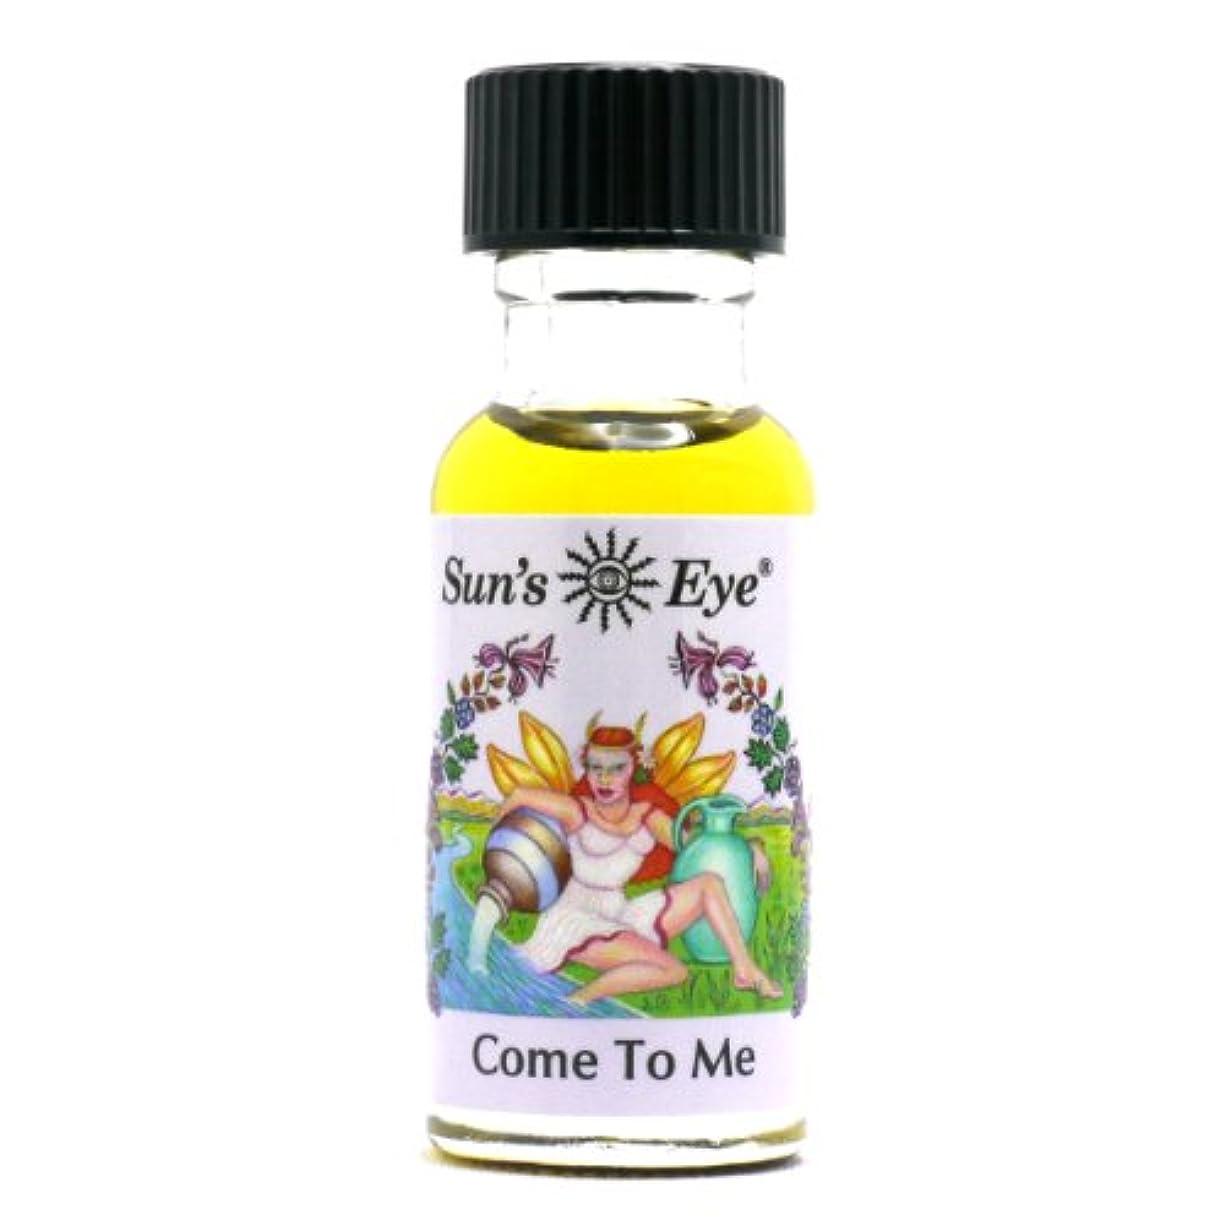 いちゃつくトマト魅力的であることへのアピール【Sun'sEye サンズアイ】Mystic Blends(ミスティックブレンドオイル)Come to me(カムトゥミー)